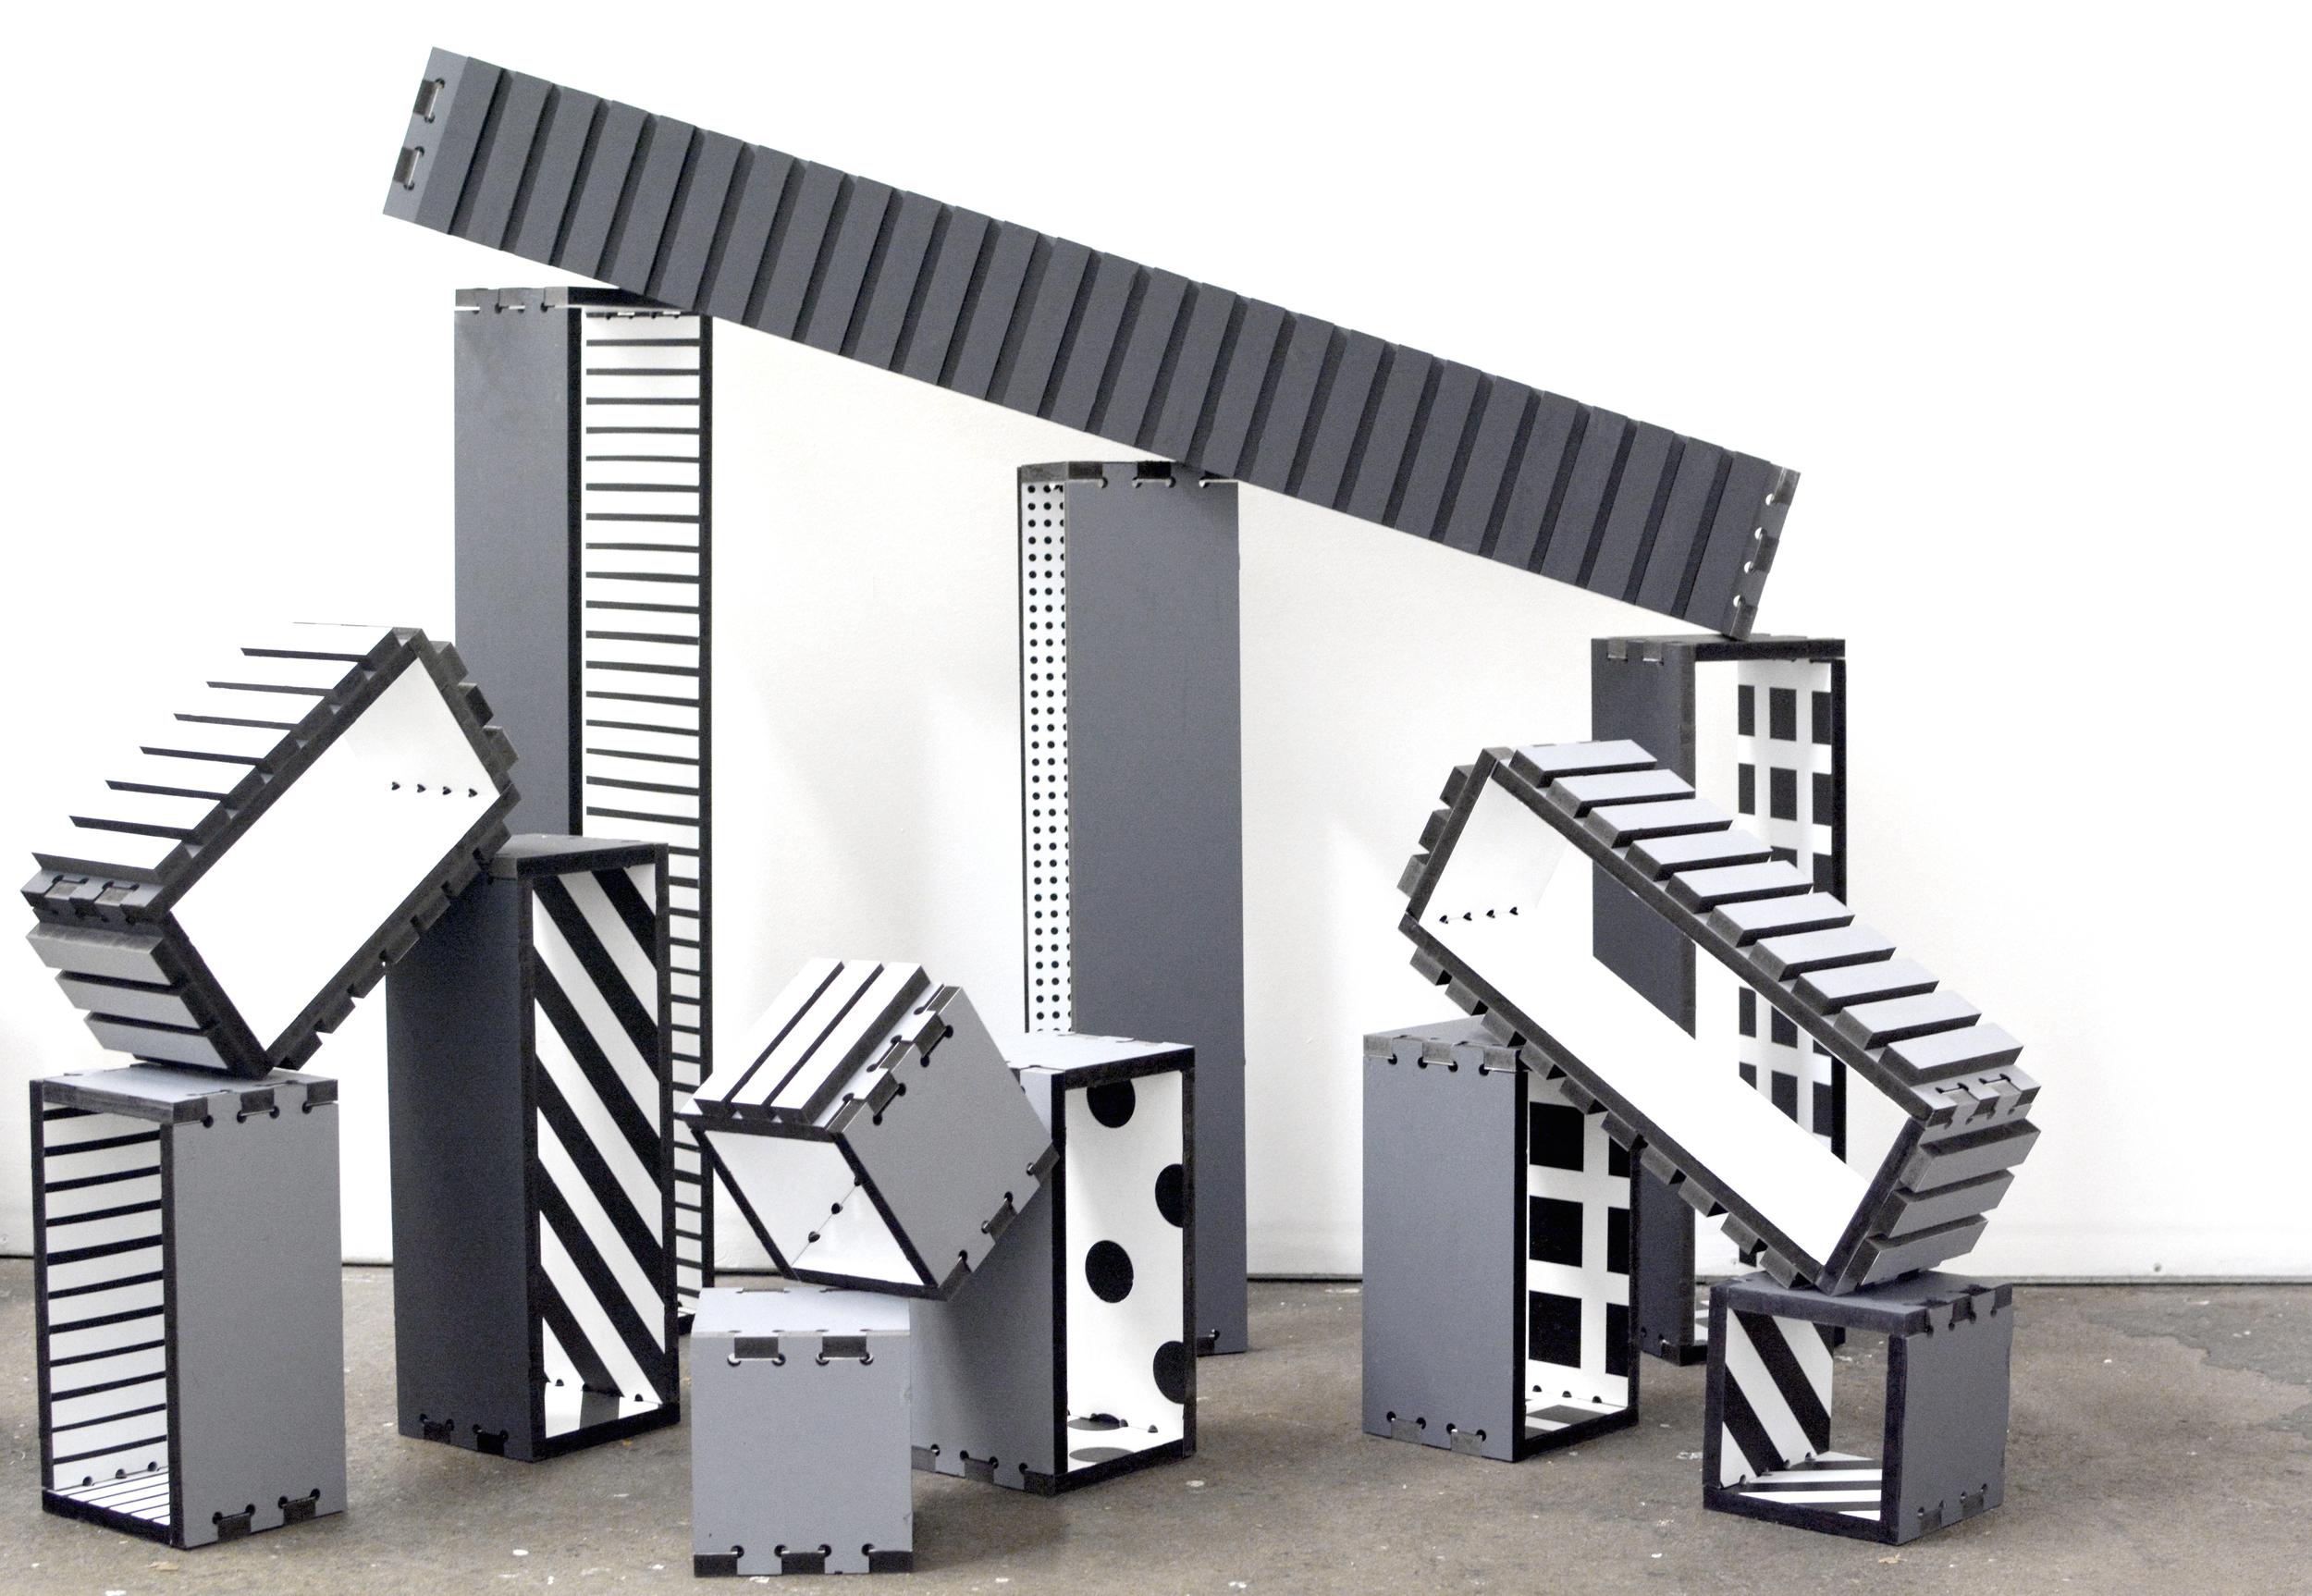 Blocks (still from installation), 2014, acrylic on MDF, dimensions variable.